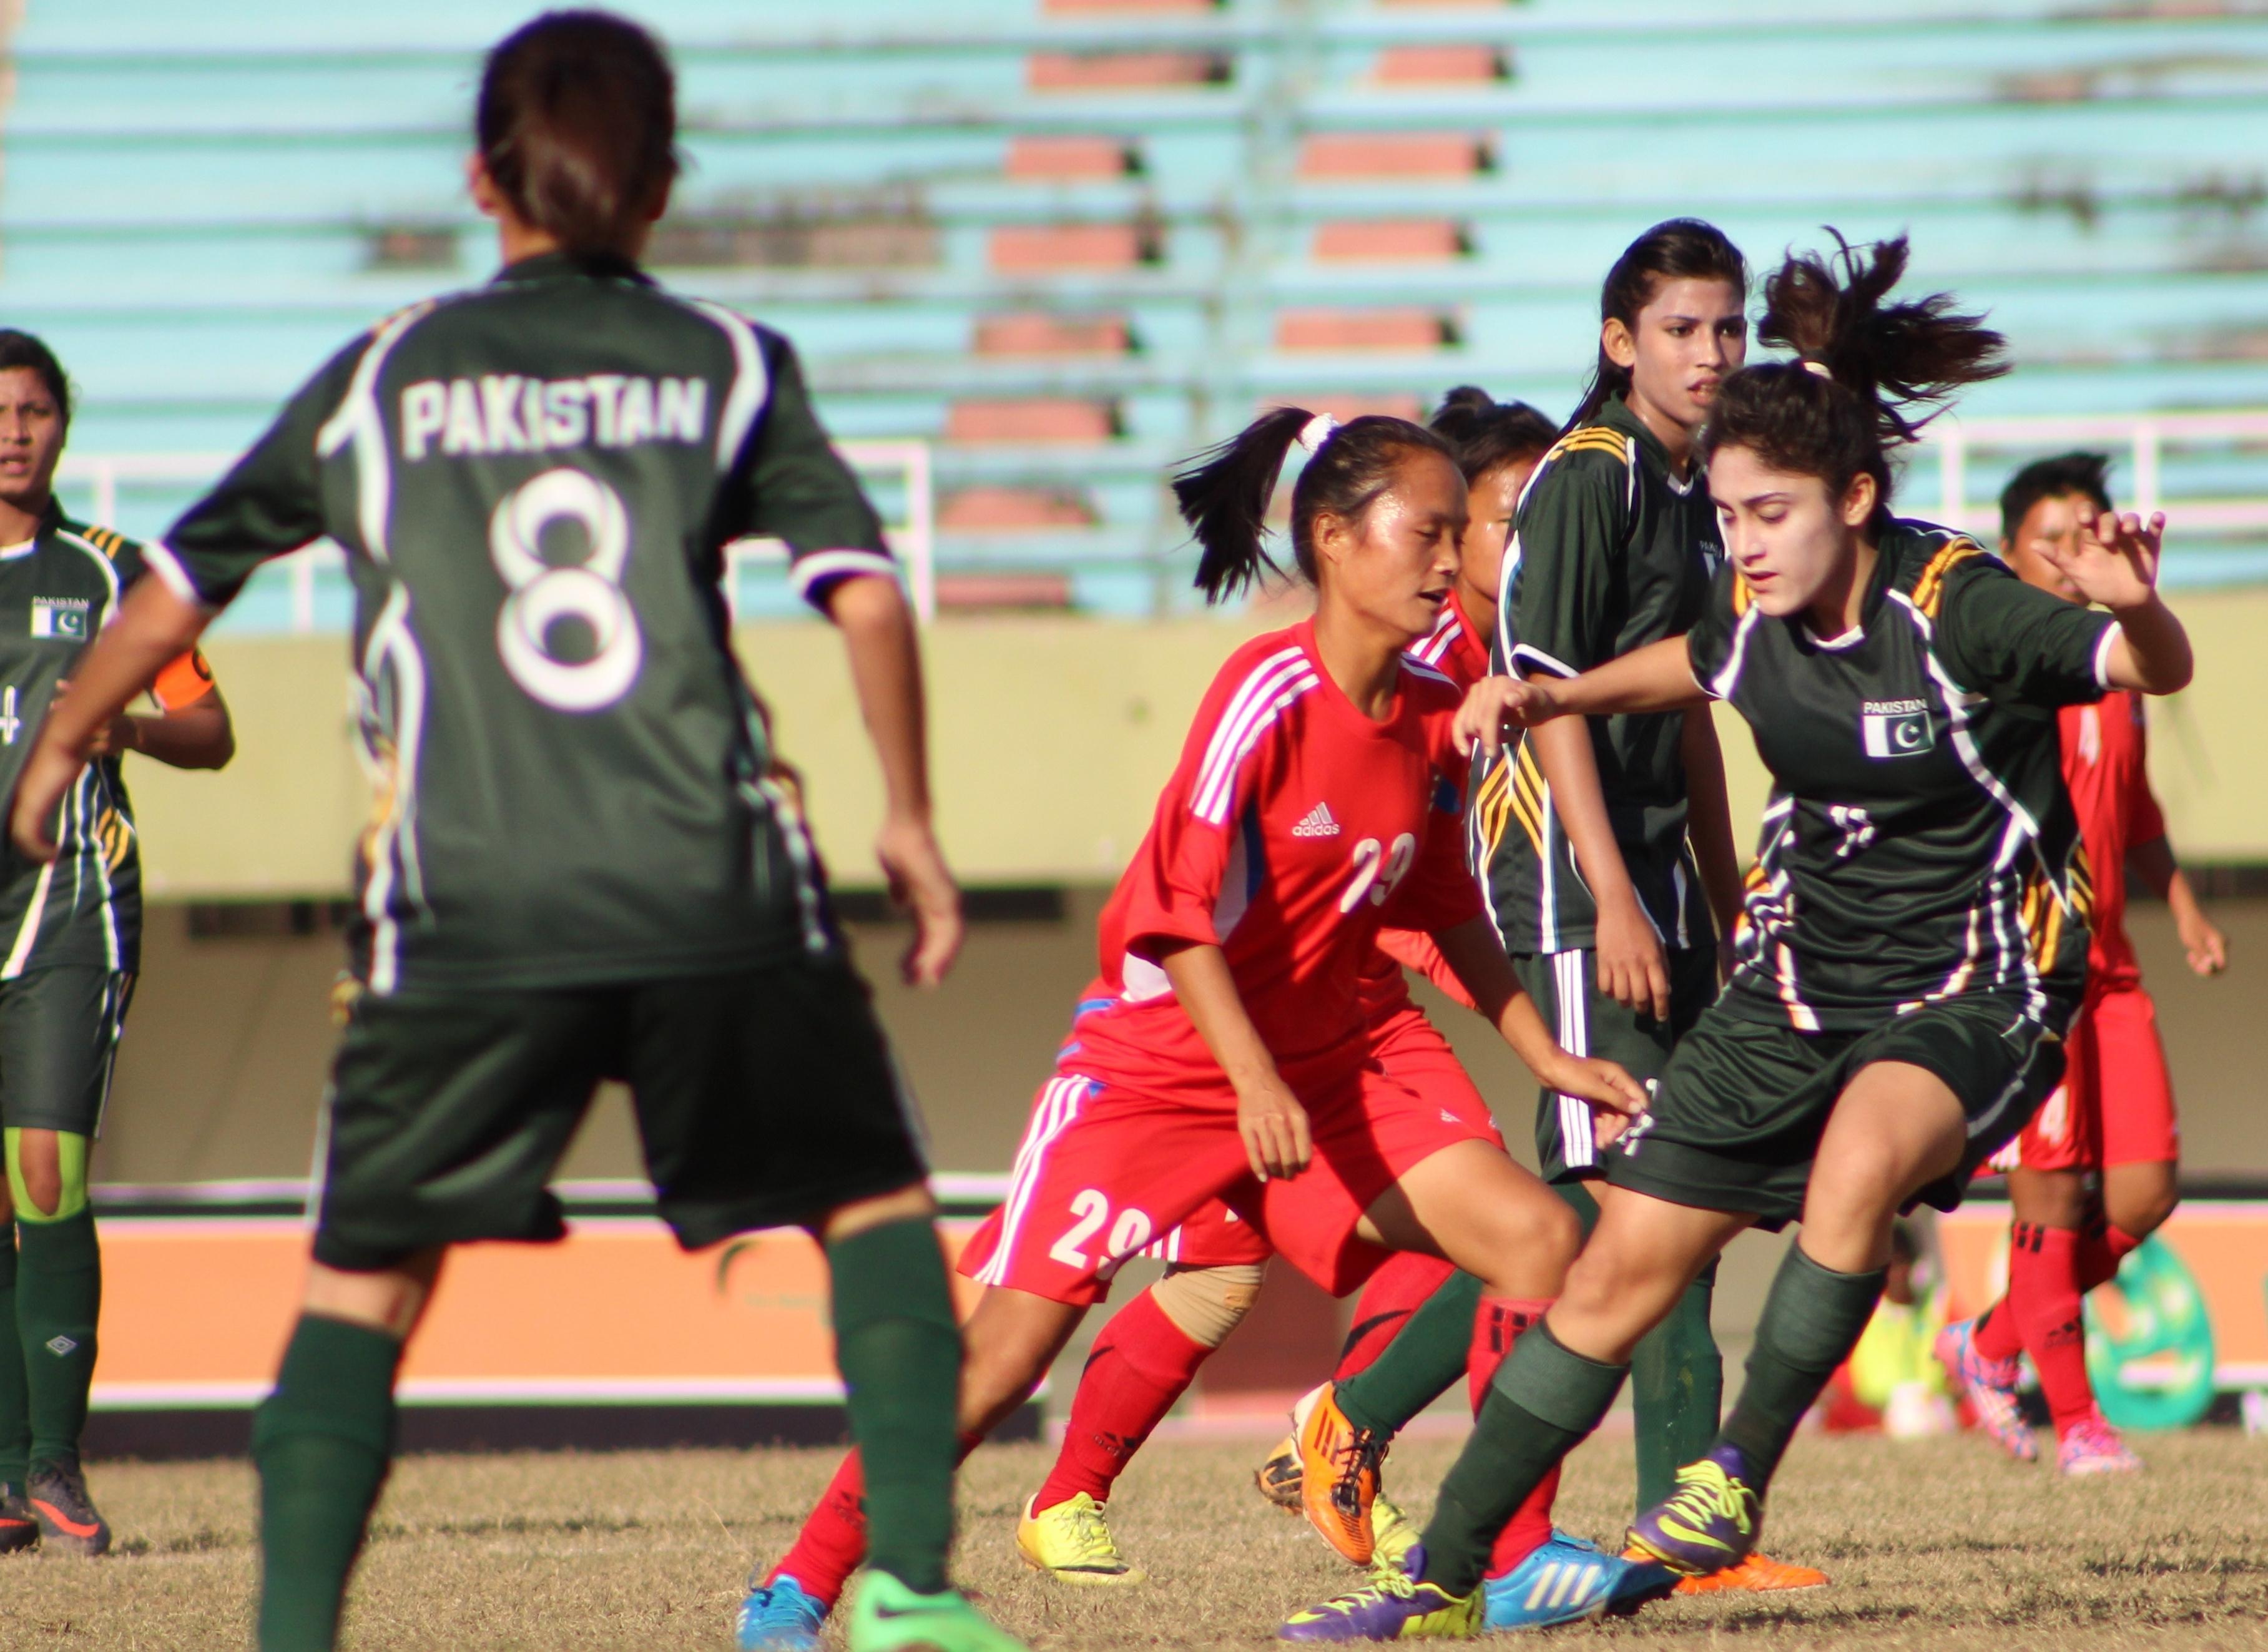 SAFF Women's Championship: Superior Nepal oust lackluster Pakistan